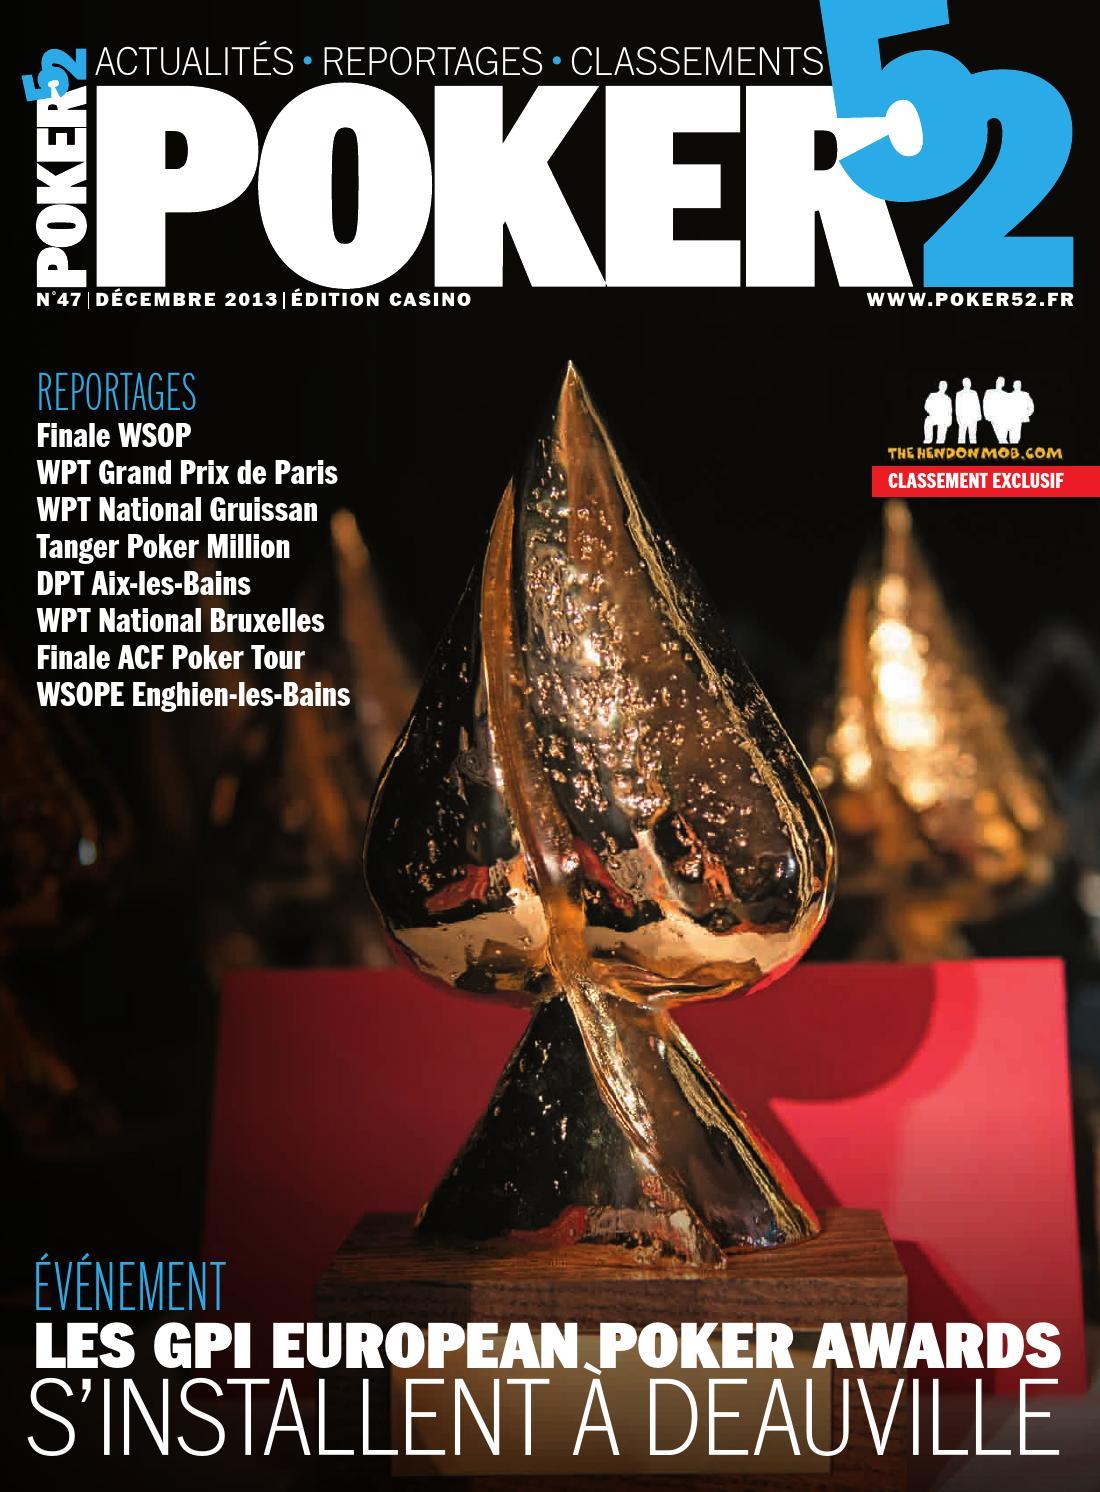 Pk52 N47 Casino 150dpi By Poker52 Issuu